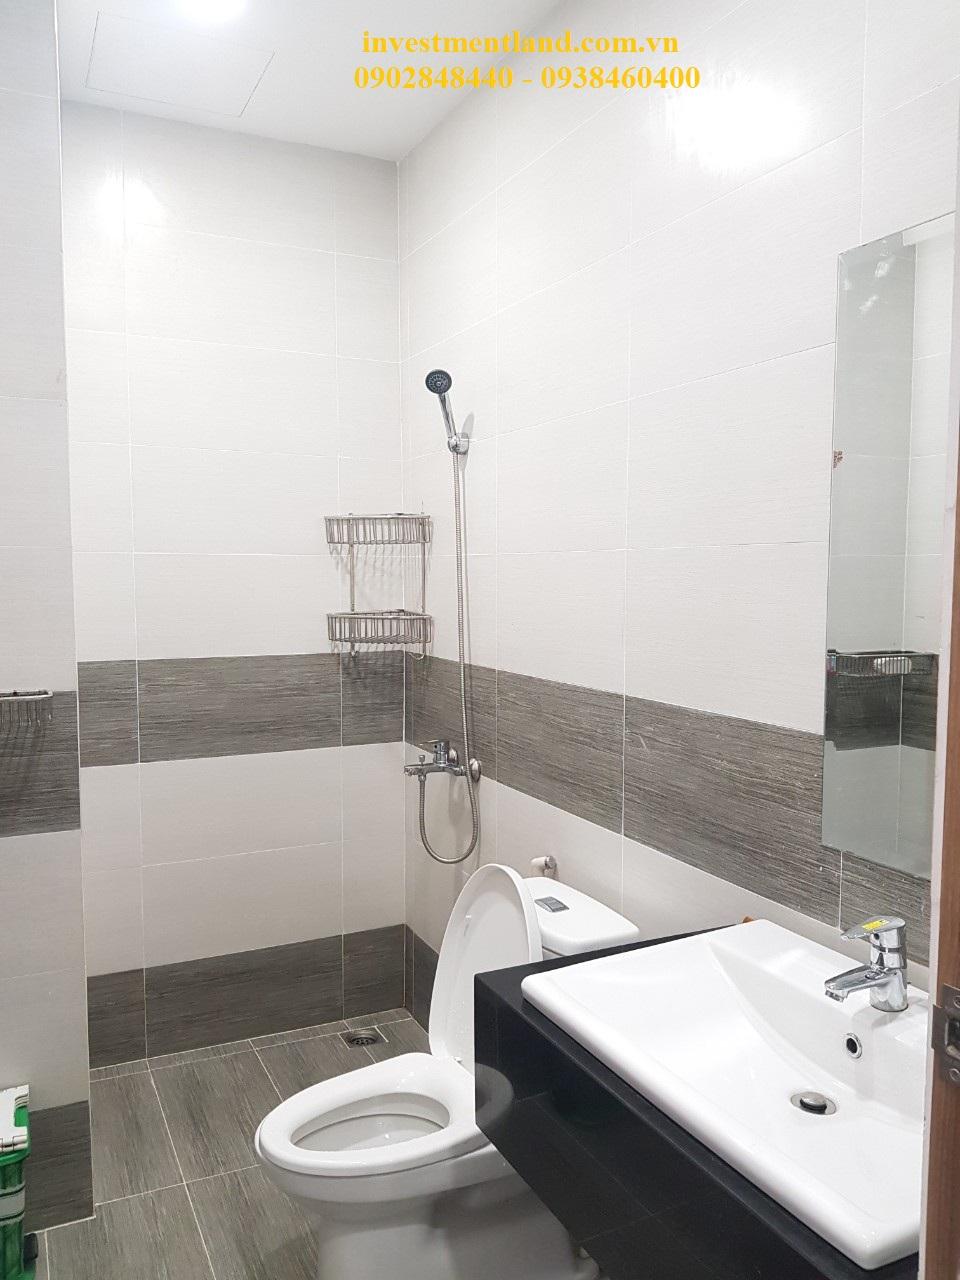 Toilet nhà đường Gò Cát phường Phú Hữu Quận 9